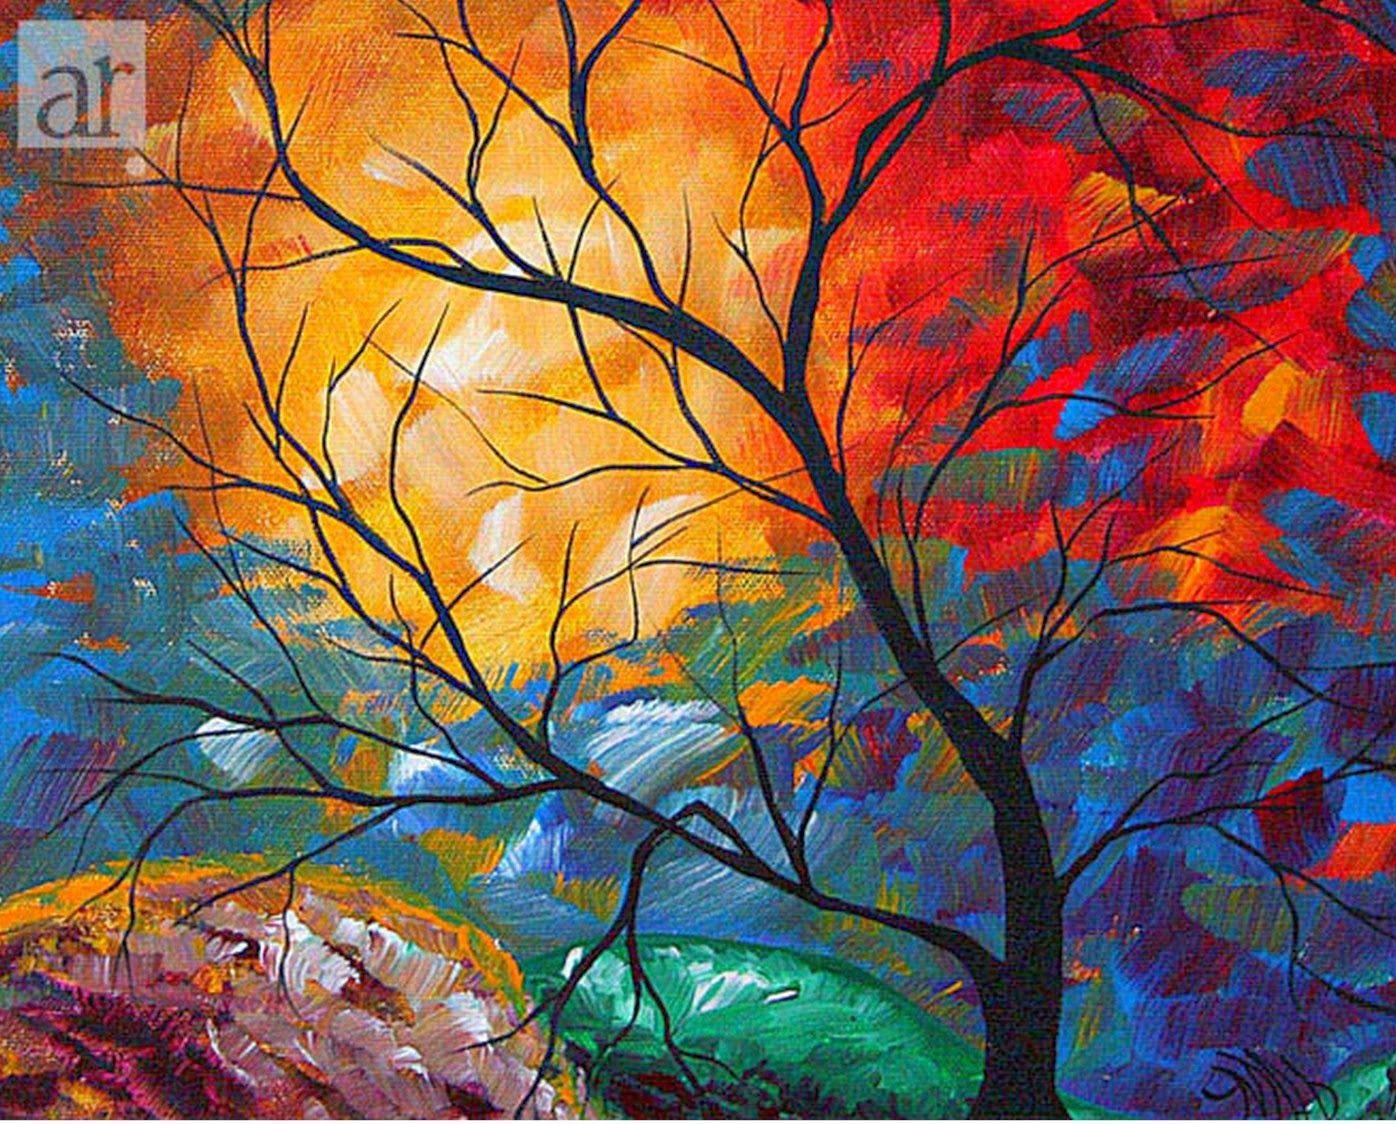 Cuadros modernos abstractos de paisajes aroon duncanson for Fotos cuadros abstractos